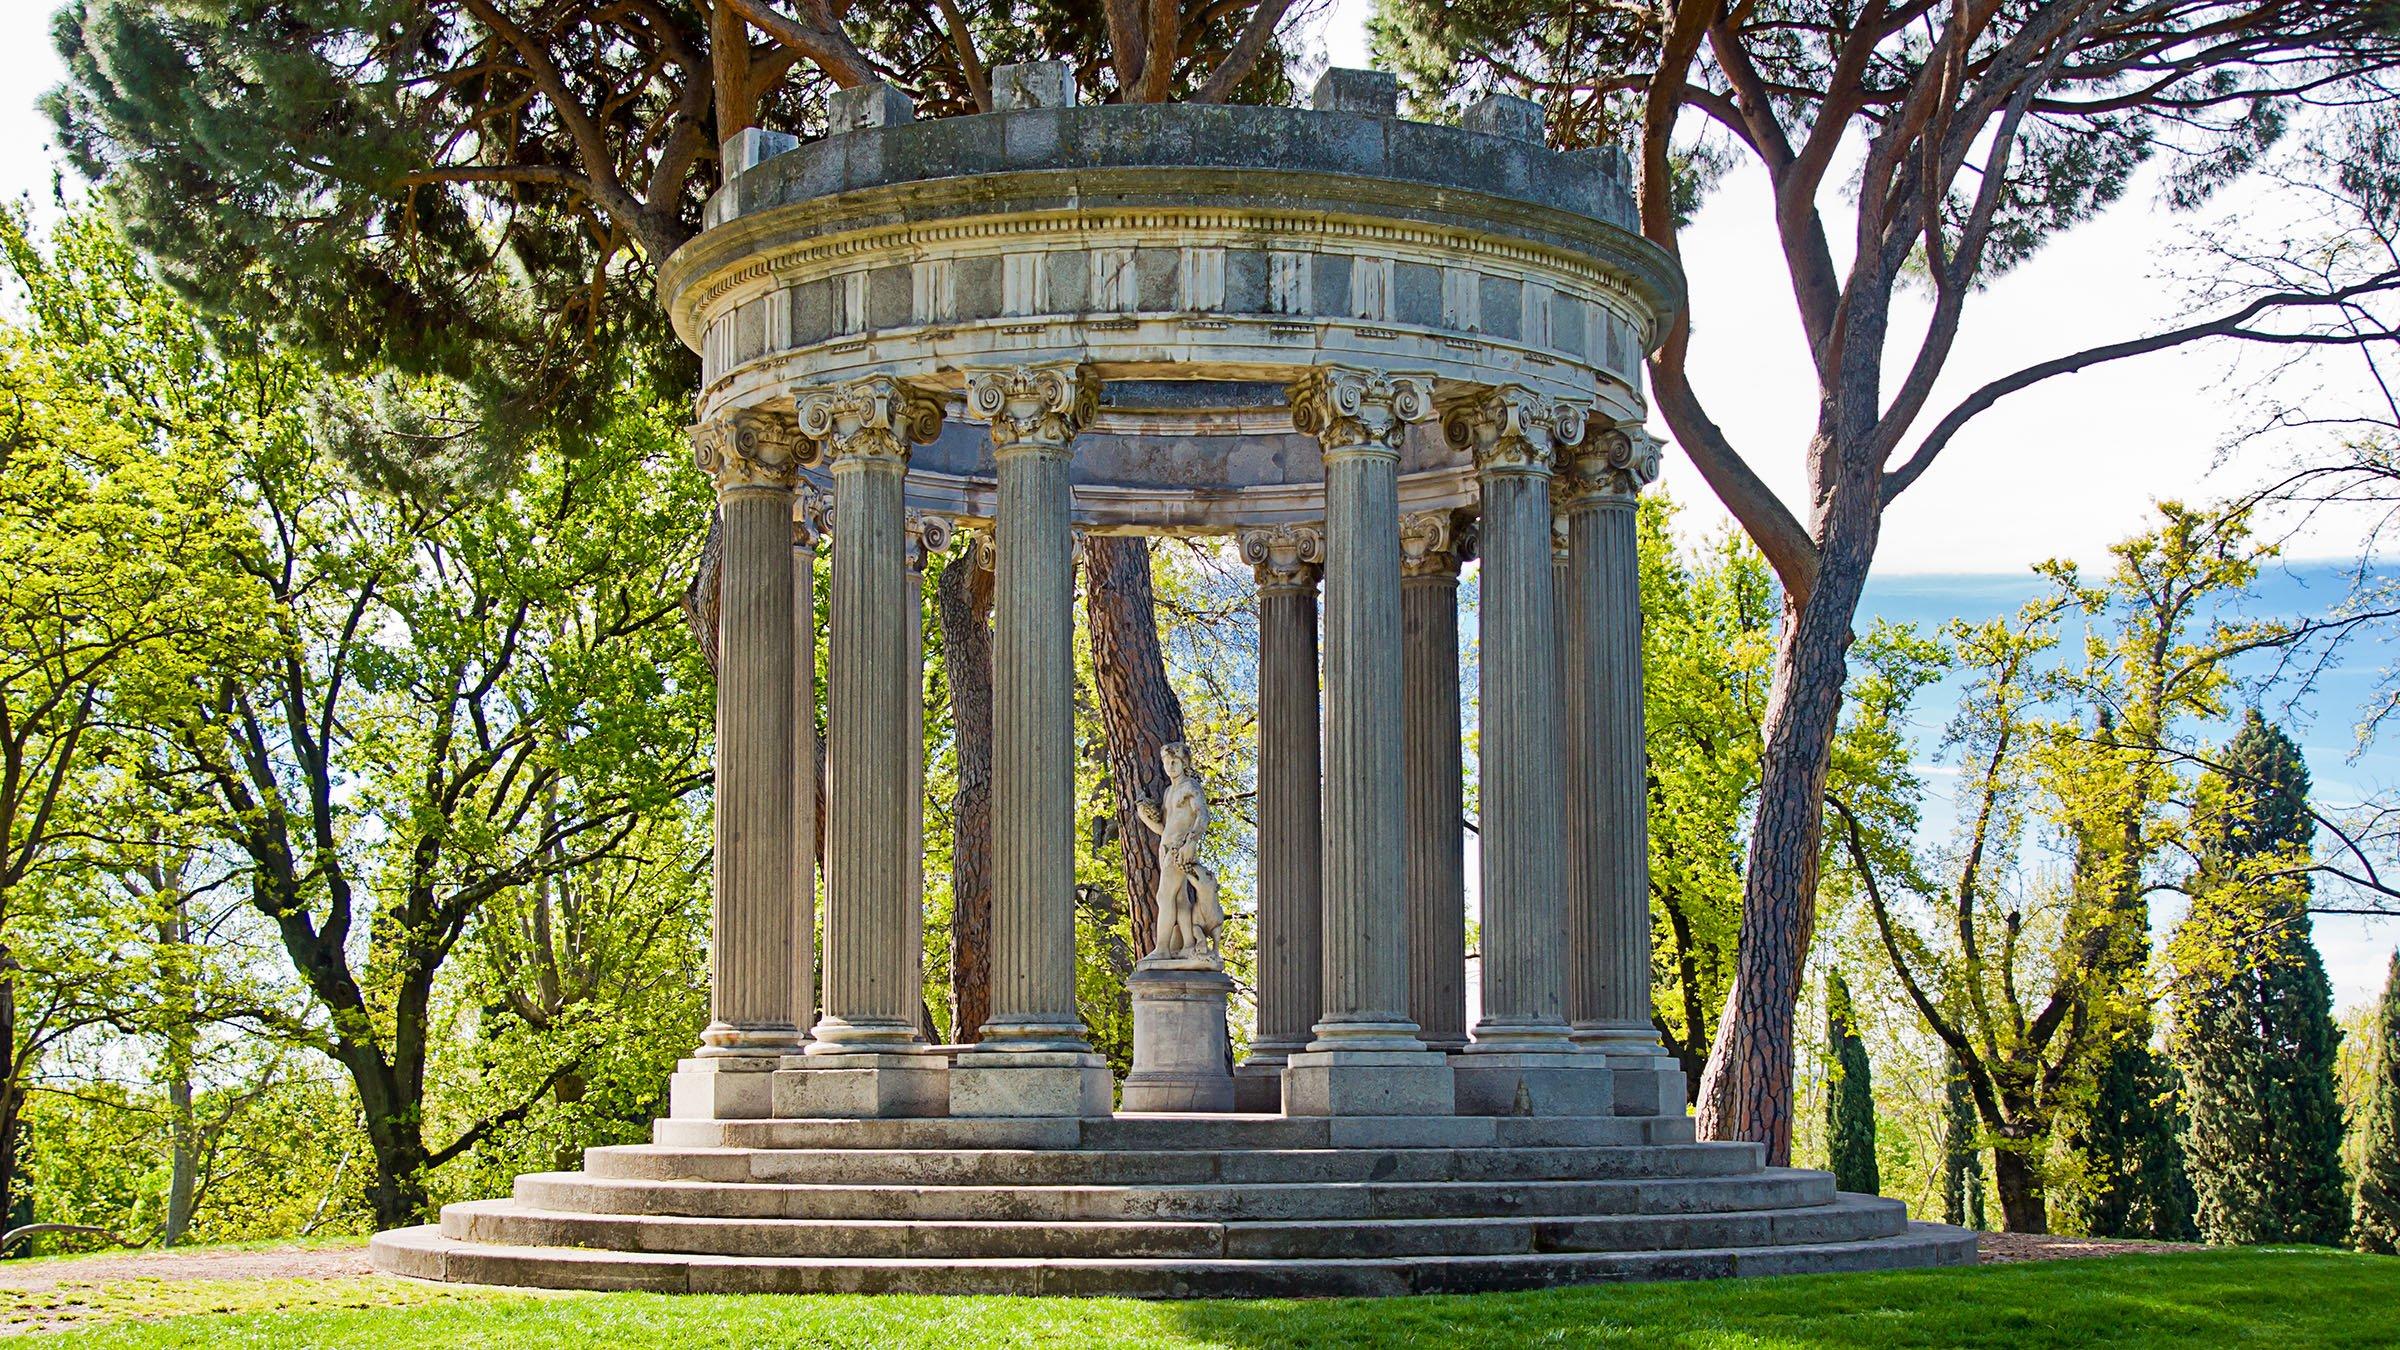 El capricho el parque m s especial de madrid for Jardines que visitar en madrid